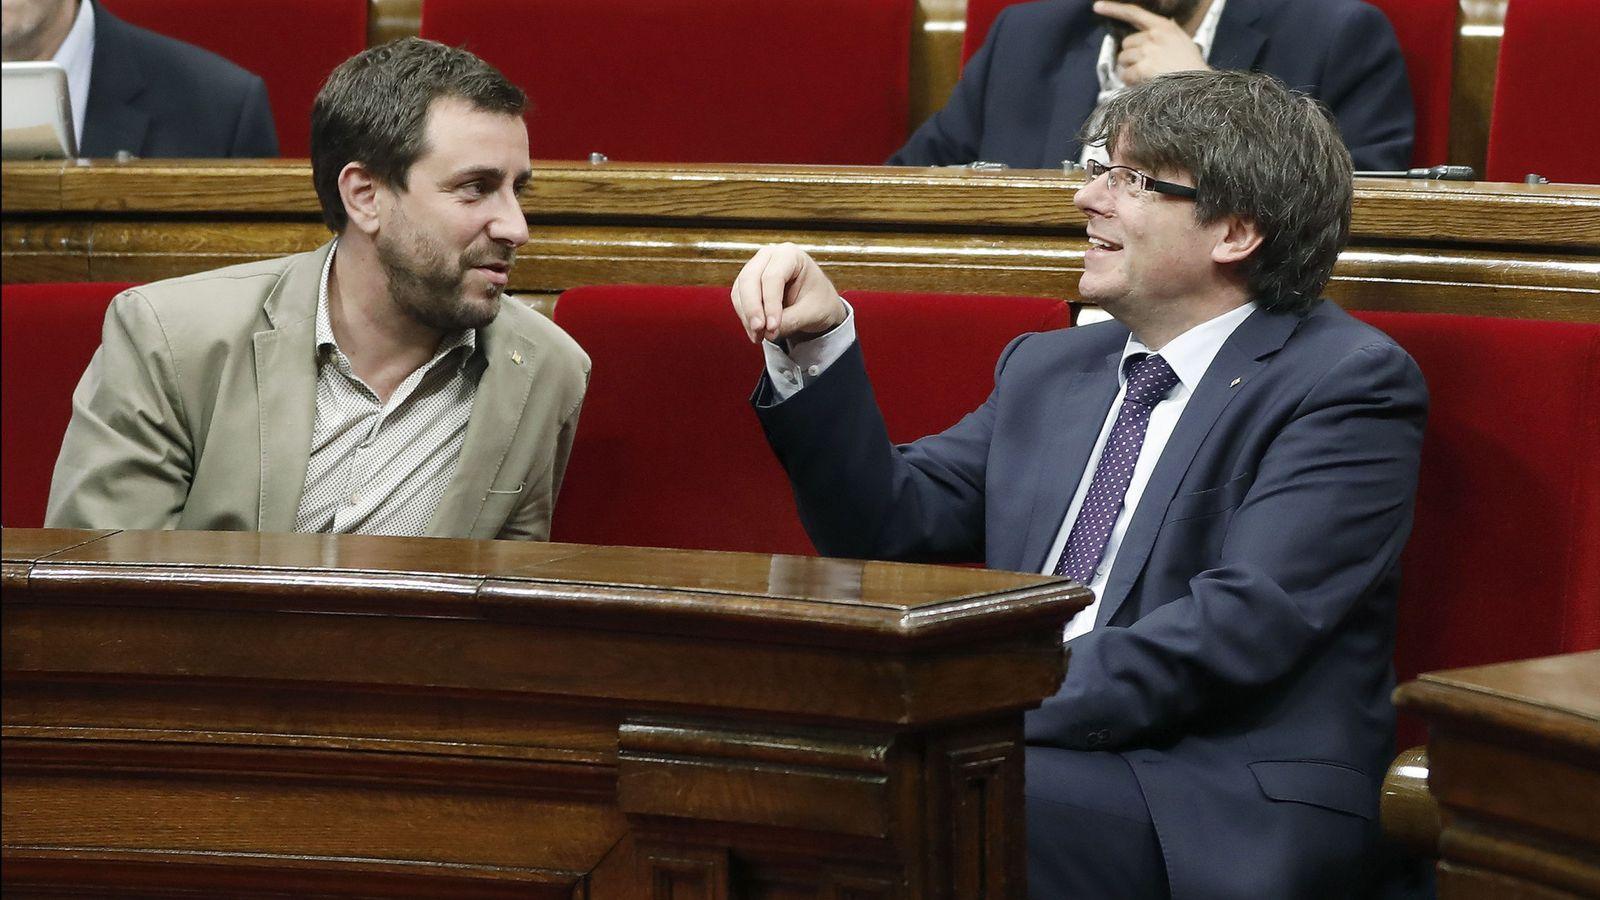 Foto: Toni Comín, junto a Carles Puigdemont en un pleno del Parlament antes de su huida a Bruselas. (EFE)